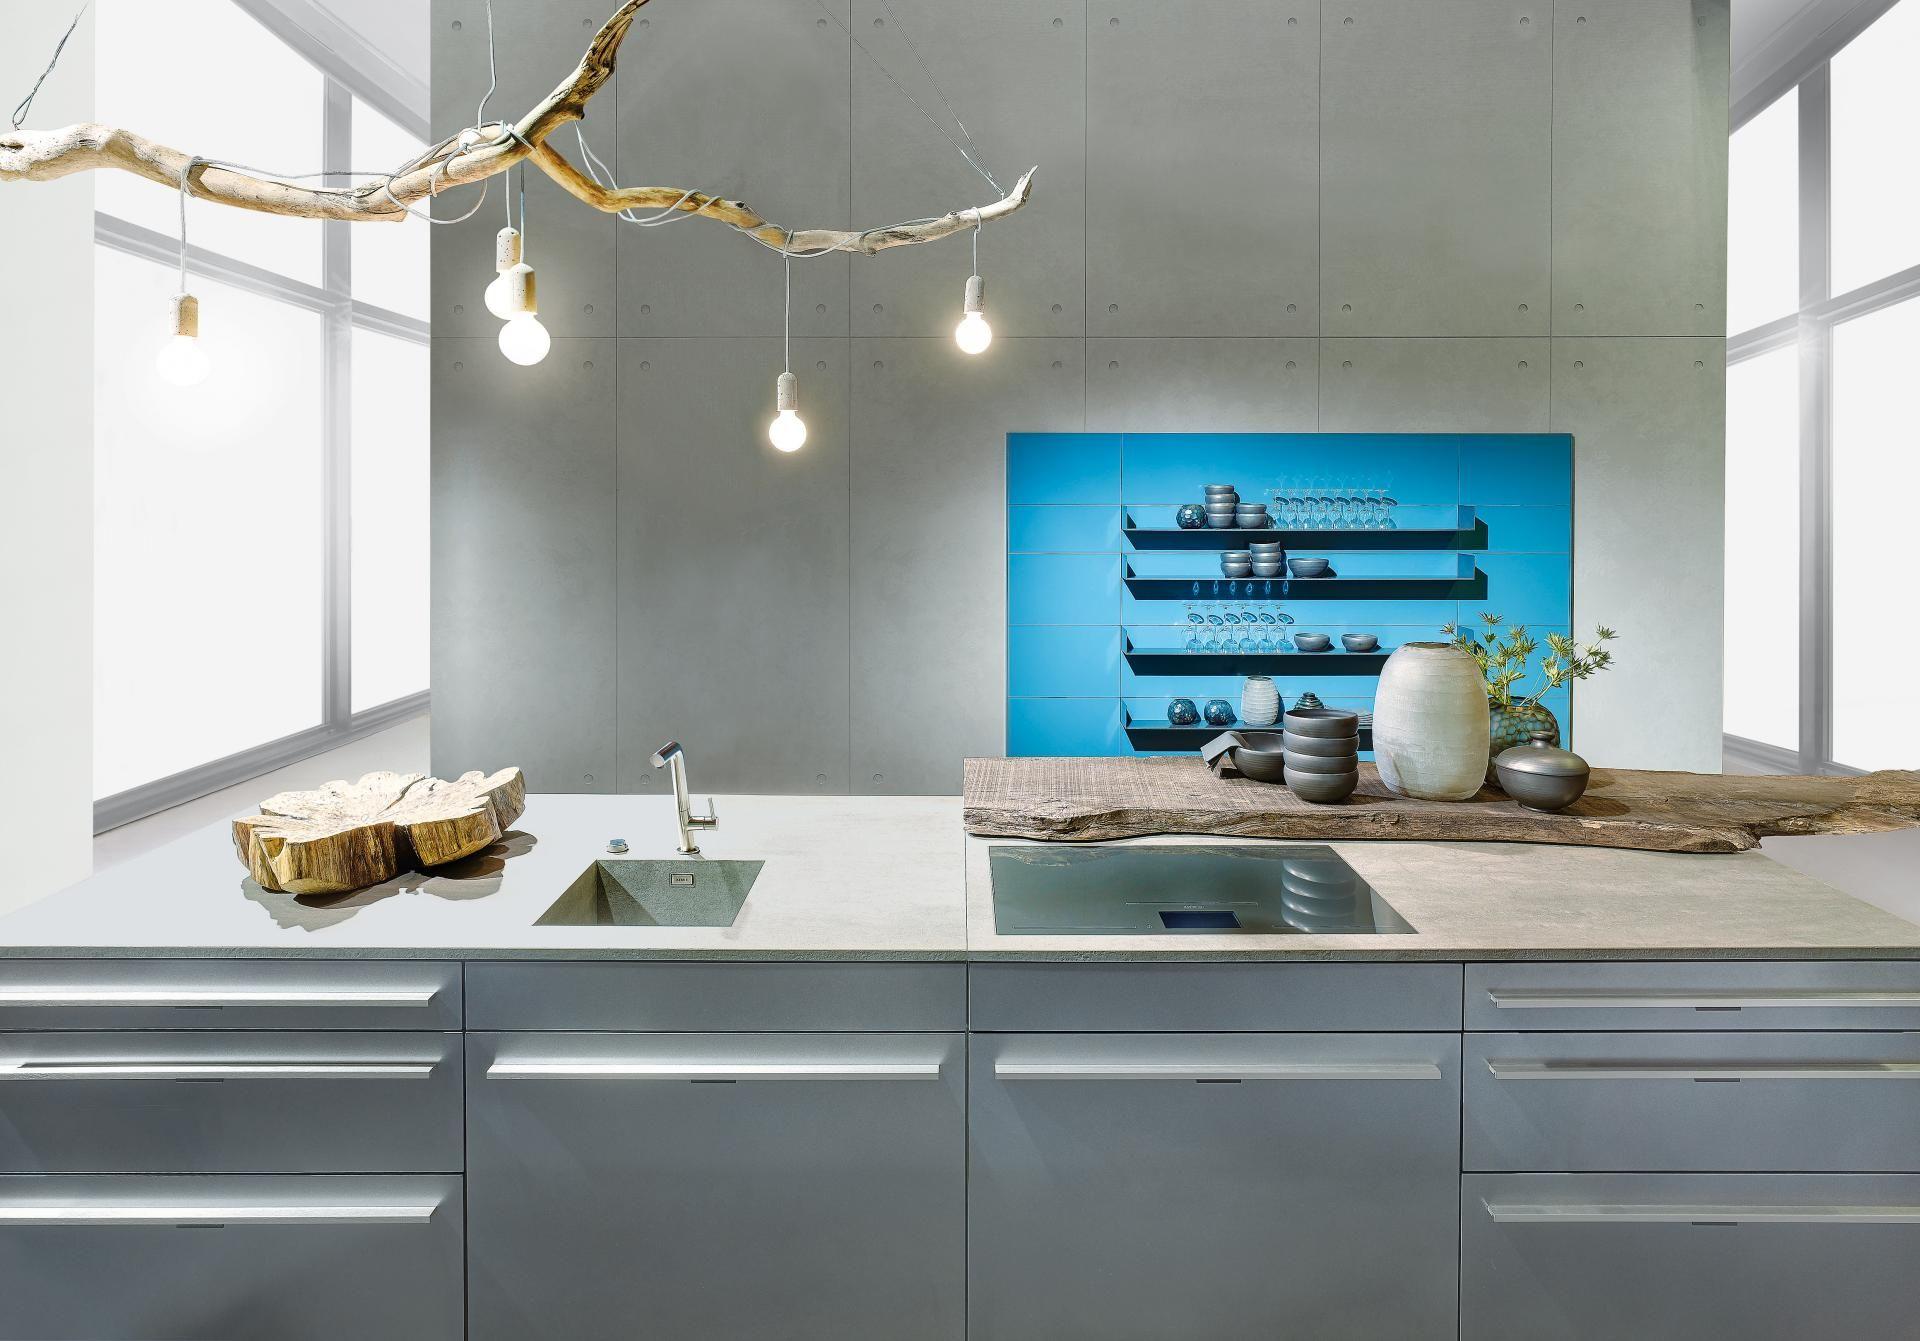 Forster küchen ~ Natural forster küchen kitchen interiors and